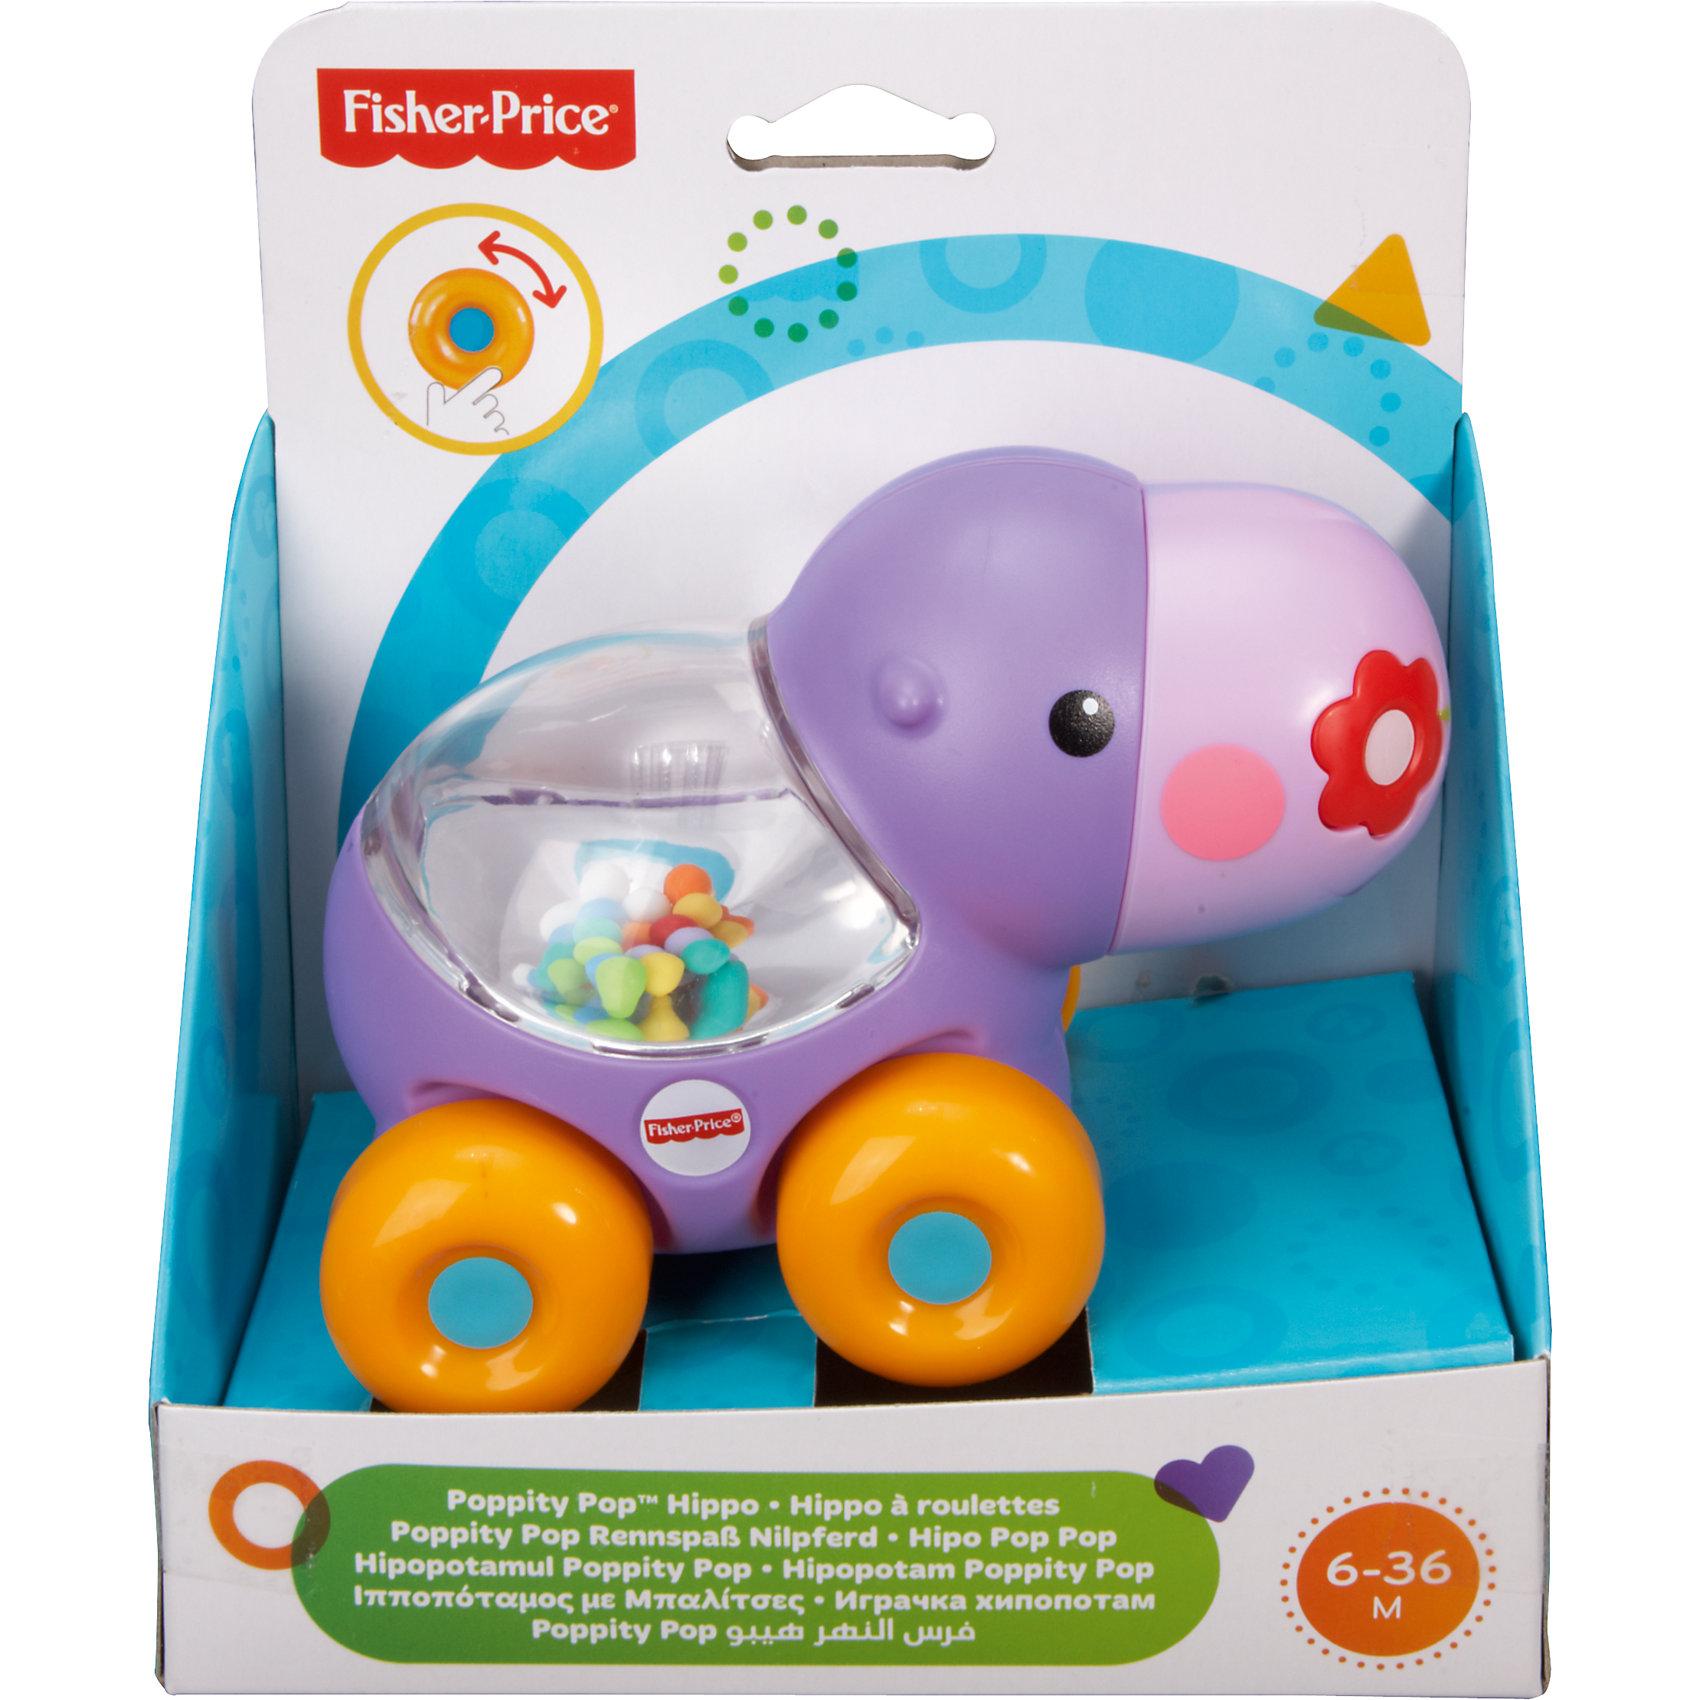 Веселый бегемотик с прыгающими шариками, Fisher-PriceРазвивающие игрушки<br>Характеристики детской каталки «Веселый бегемотик»:<br><br>• тип игрушки: каталка на колесиках;<br>• оформление игрушки: цветные шарики внутри прозрачного контейнера;<br>• звуковое сопровождение: эффект трещотки;<br>• материал: пластик;<br>• размер упаковки: 19х31х20 см;<br>• вес в упаковке: 200 г.<br><br>Развивающая игрушка Fisher-Price для малыша представлена в виде бегемотика, у которого на спинке имеется прозрачный контейнер с зеркальным дном. Внутри контейнера находятся цветные шарики, которые создают эффект трещотки во время движения игрушки. В процессе игры развивается наблюдательность, слуховое восприятие, координация движений. <br><br>Веселого бегемотика с прыгающими шариками, Fisher-Price можно купить в нашем интернет-магазине.<br><br>Ширина мм: 150<br>Глубина мм: 95<br>Высота мм: 165<br>Вес г: 200<br>Возраст от месяцев: 6<br>Возраст до месяцев: 36<br>Пол: Унисекс<br>Возраст: Детский<br>SKU: 5285011